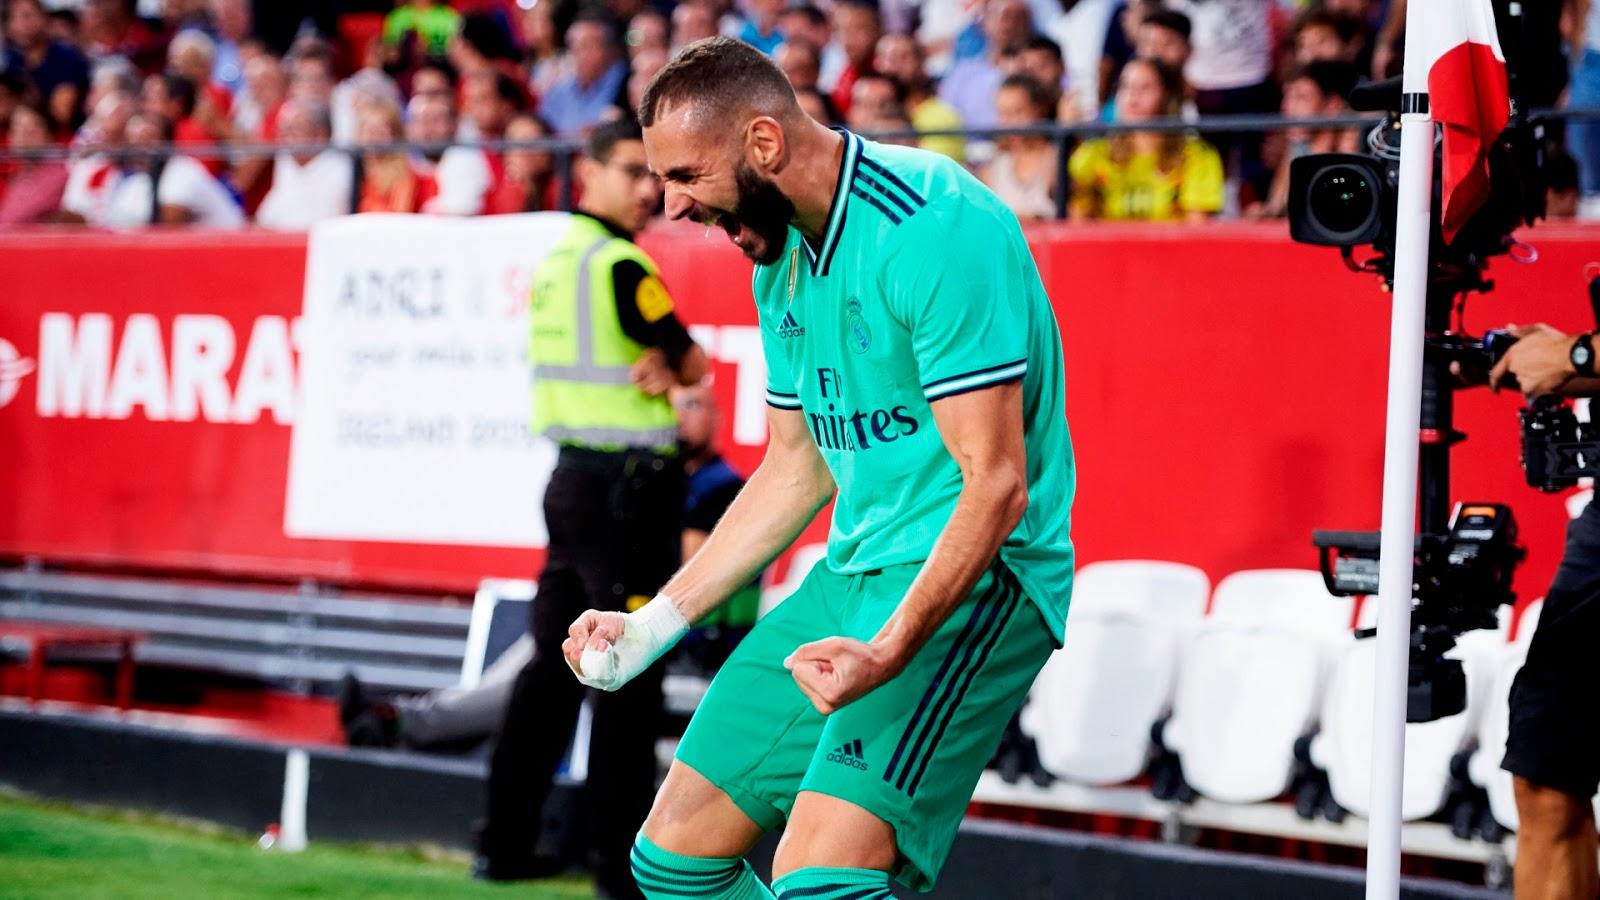 نتيجة مباراة ريال مدريد وأوساسونا بتاريخ 25-09-2019 الدوري الاسباني